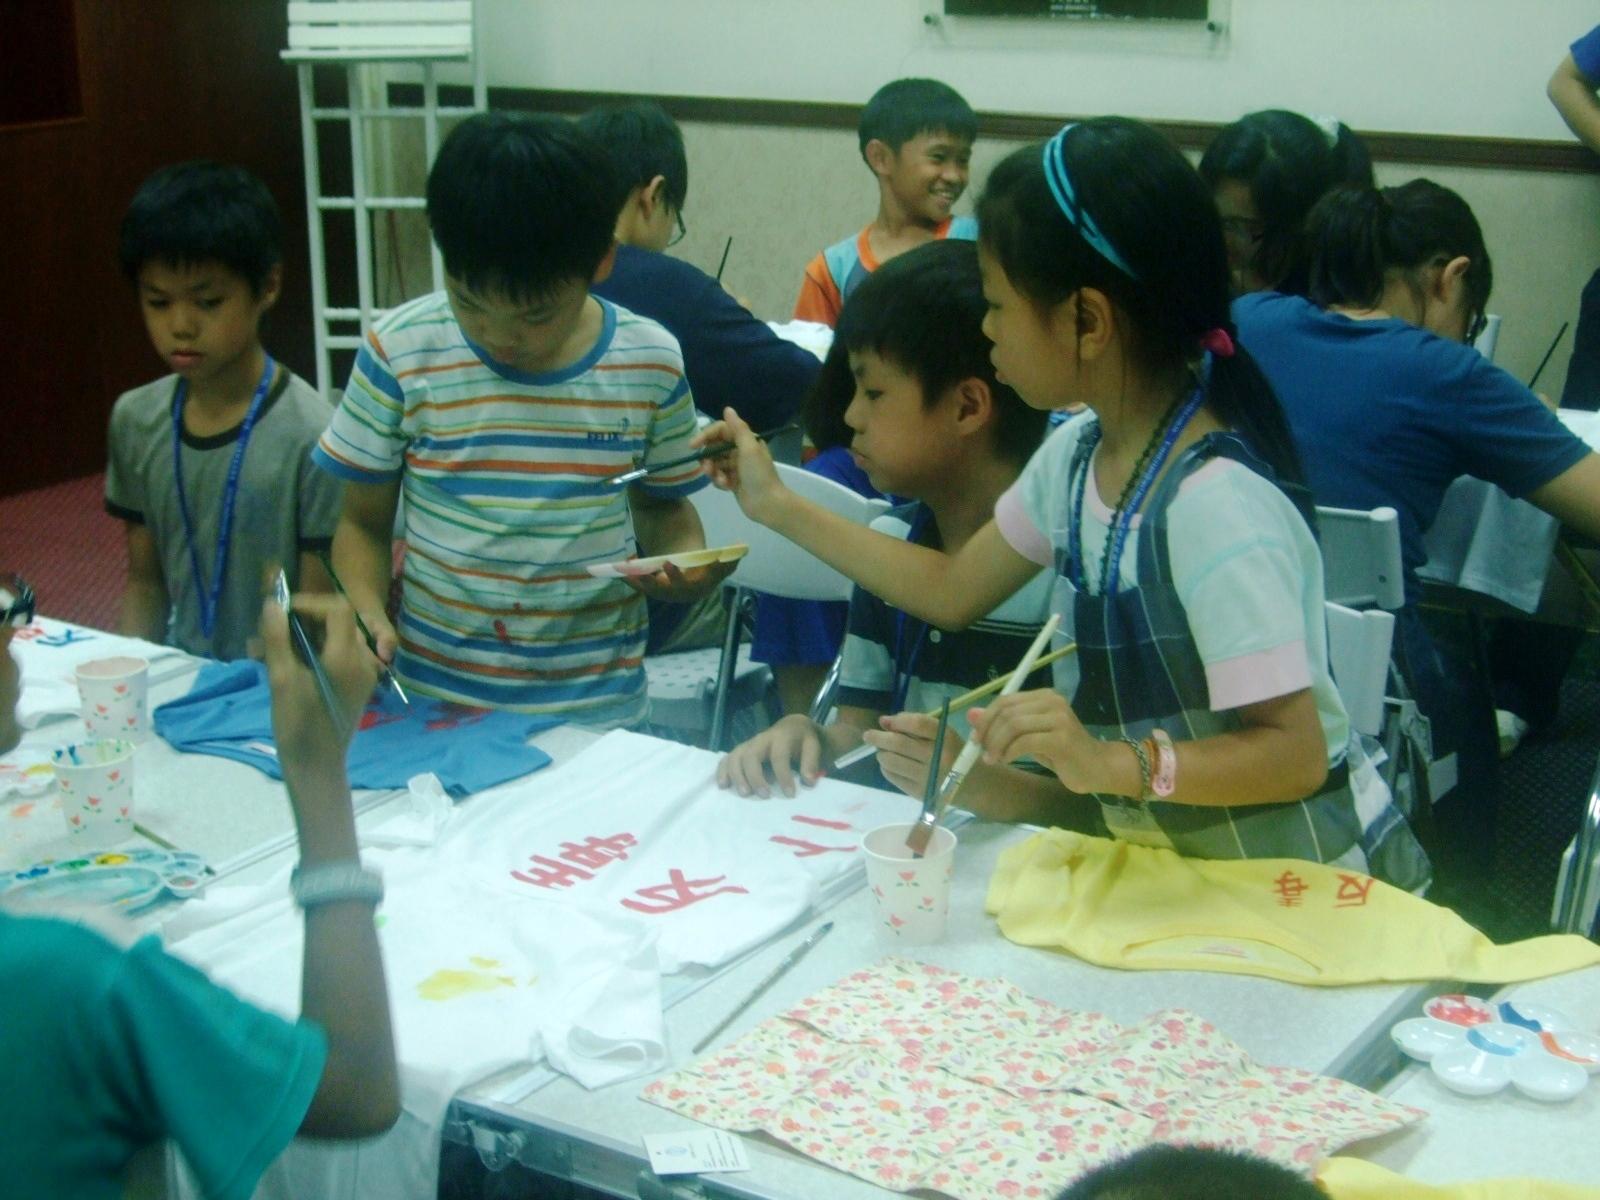 山達基教會兒童成長夏令營  孩童快樂FUN暑假